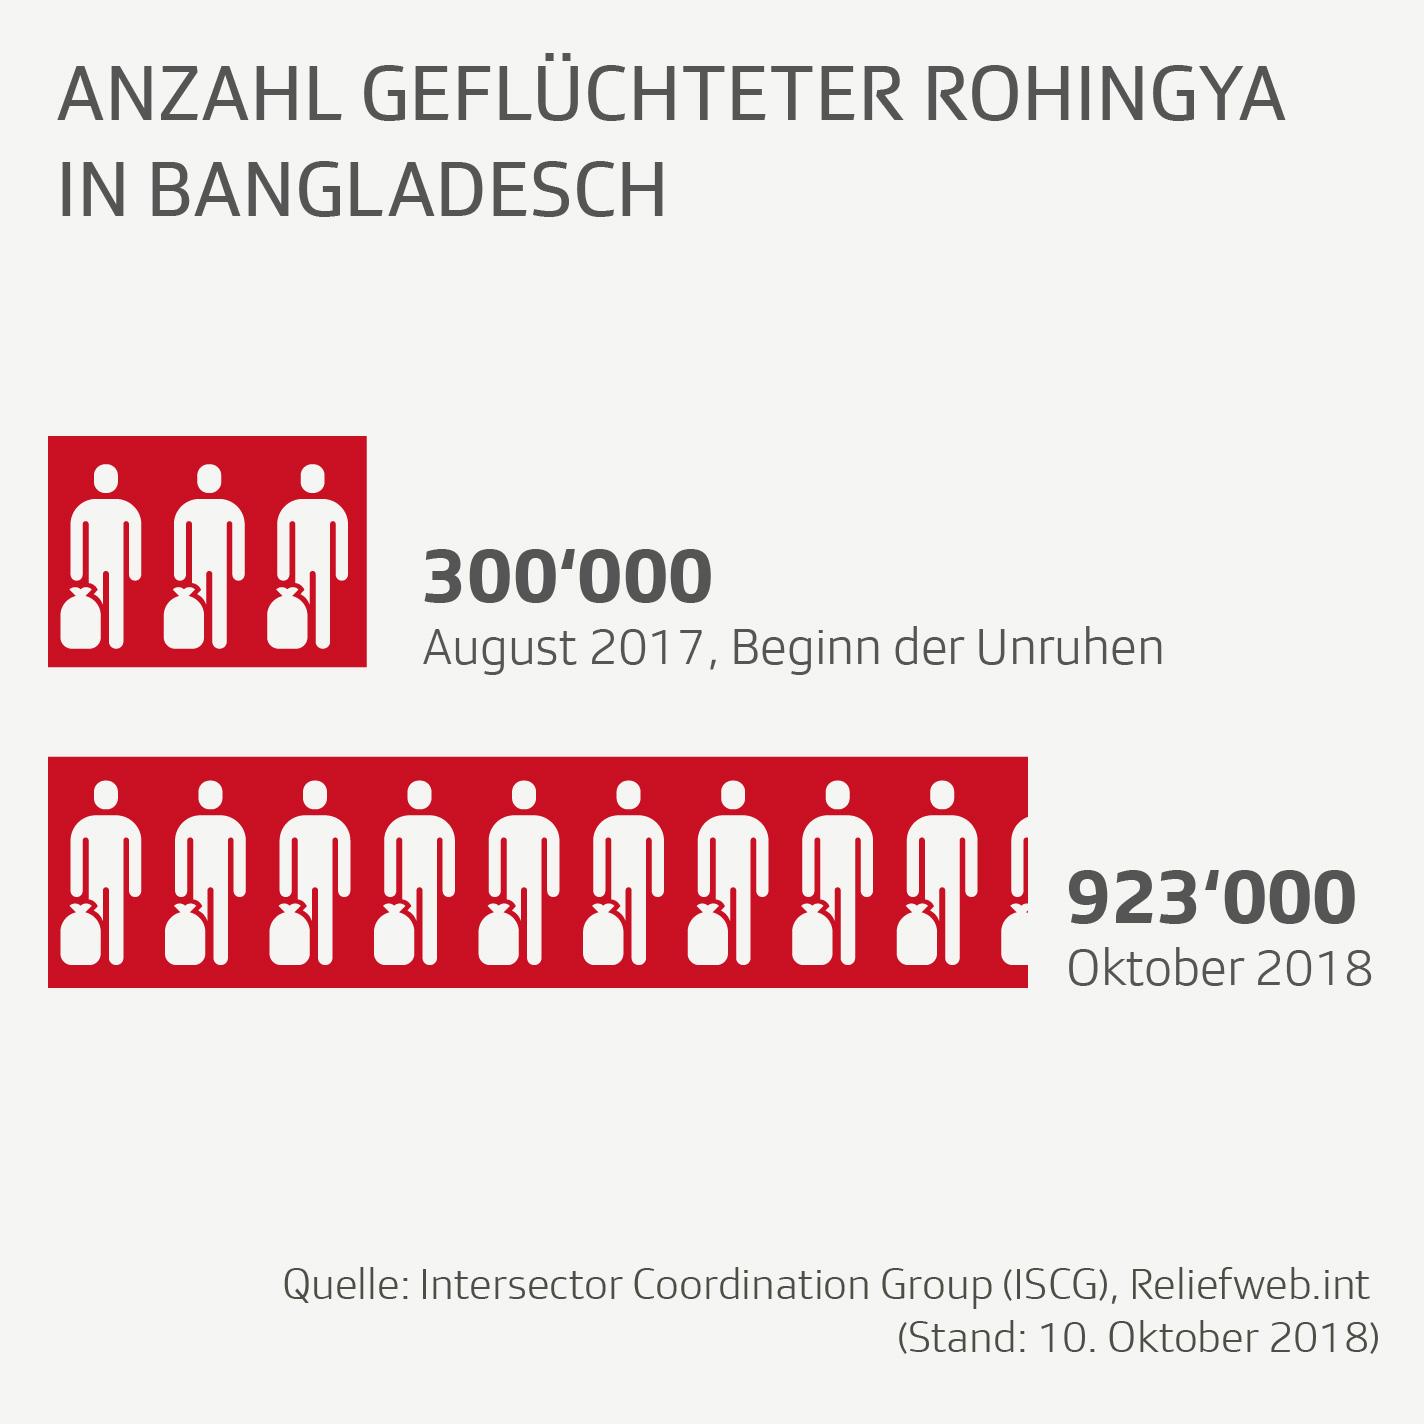 Grafik zeigt Anzahl geflüchteter Rohingya